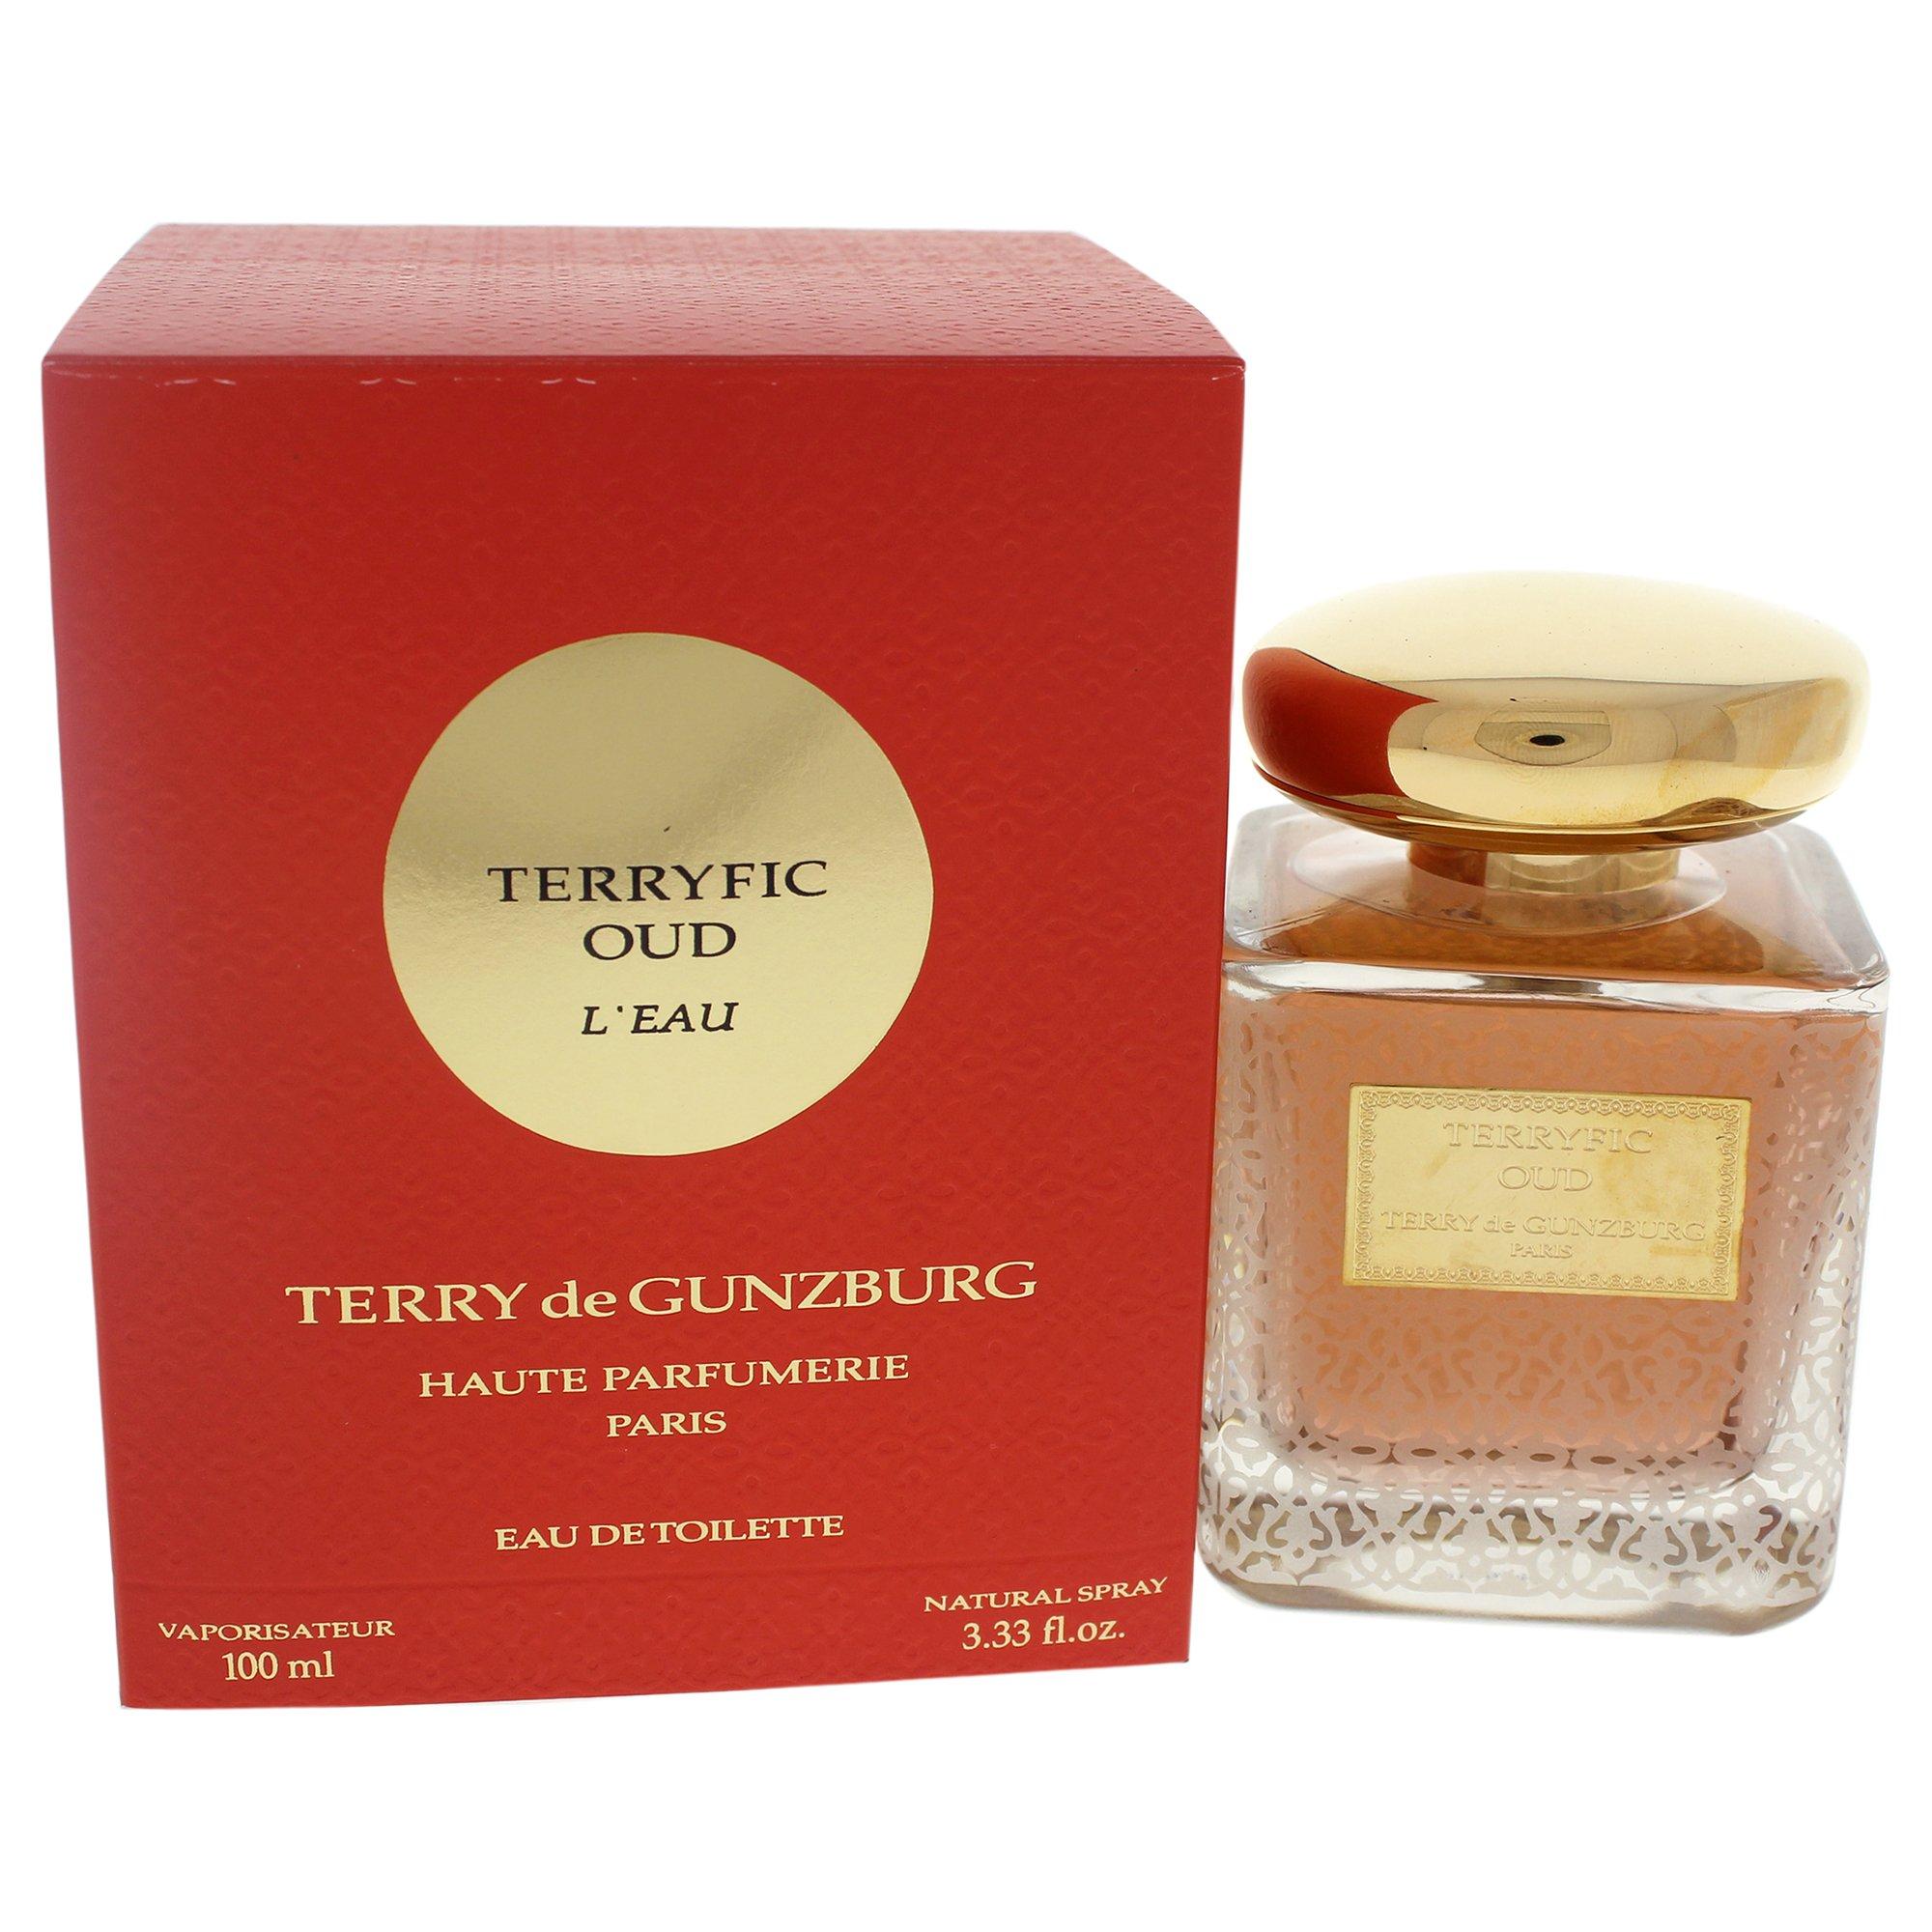 Terry De Gunzburg Terryfic Oud L'eau for Women Eau de Toilette Spray, 3.33 Ounce